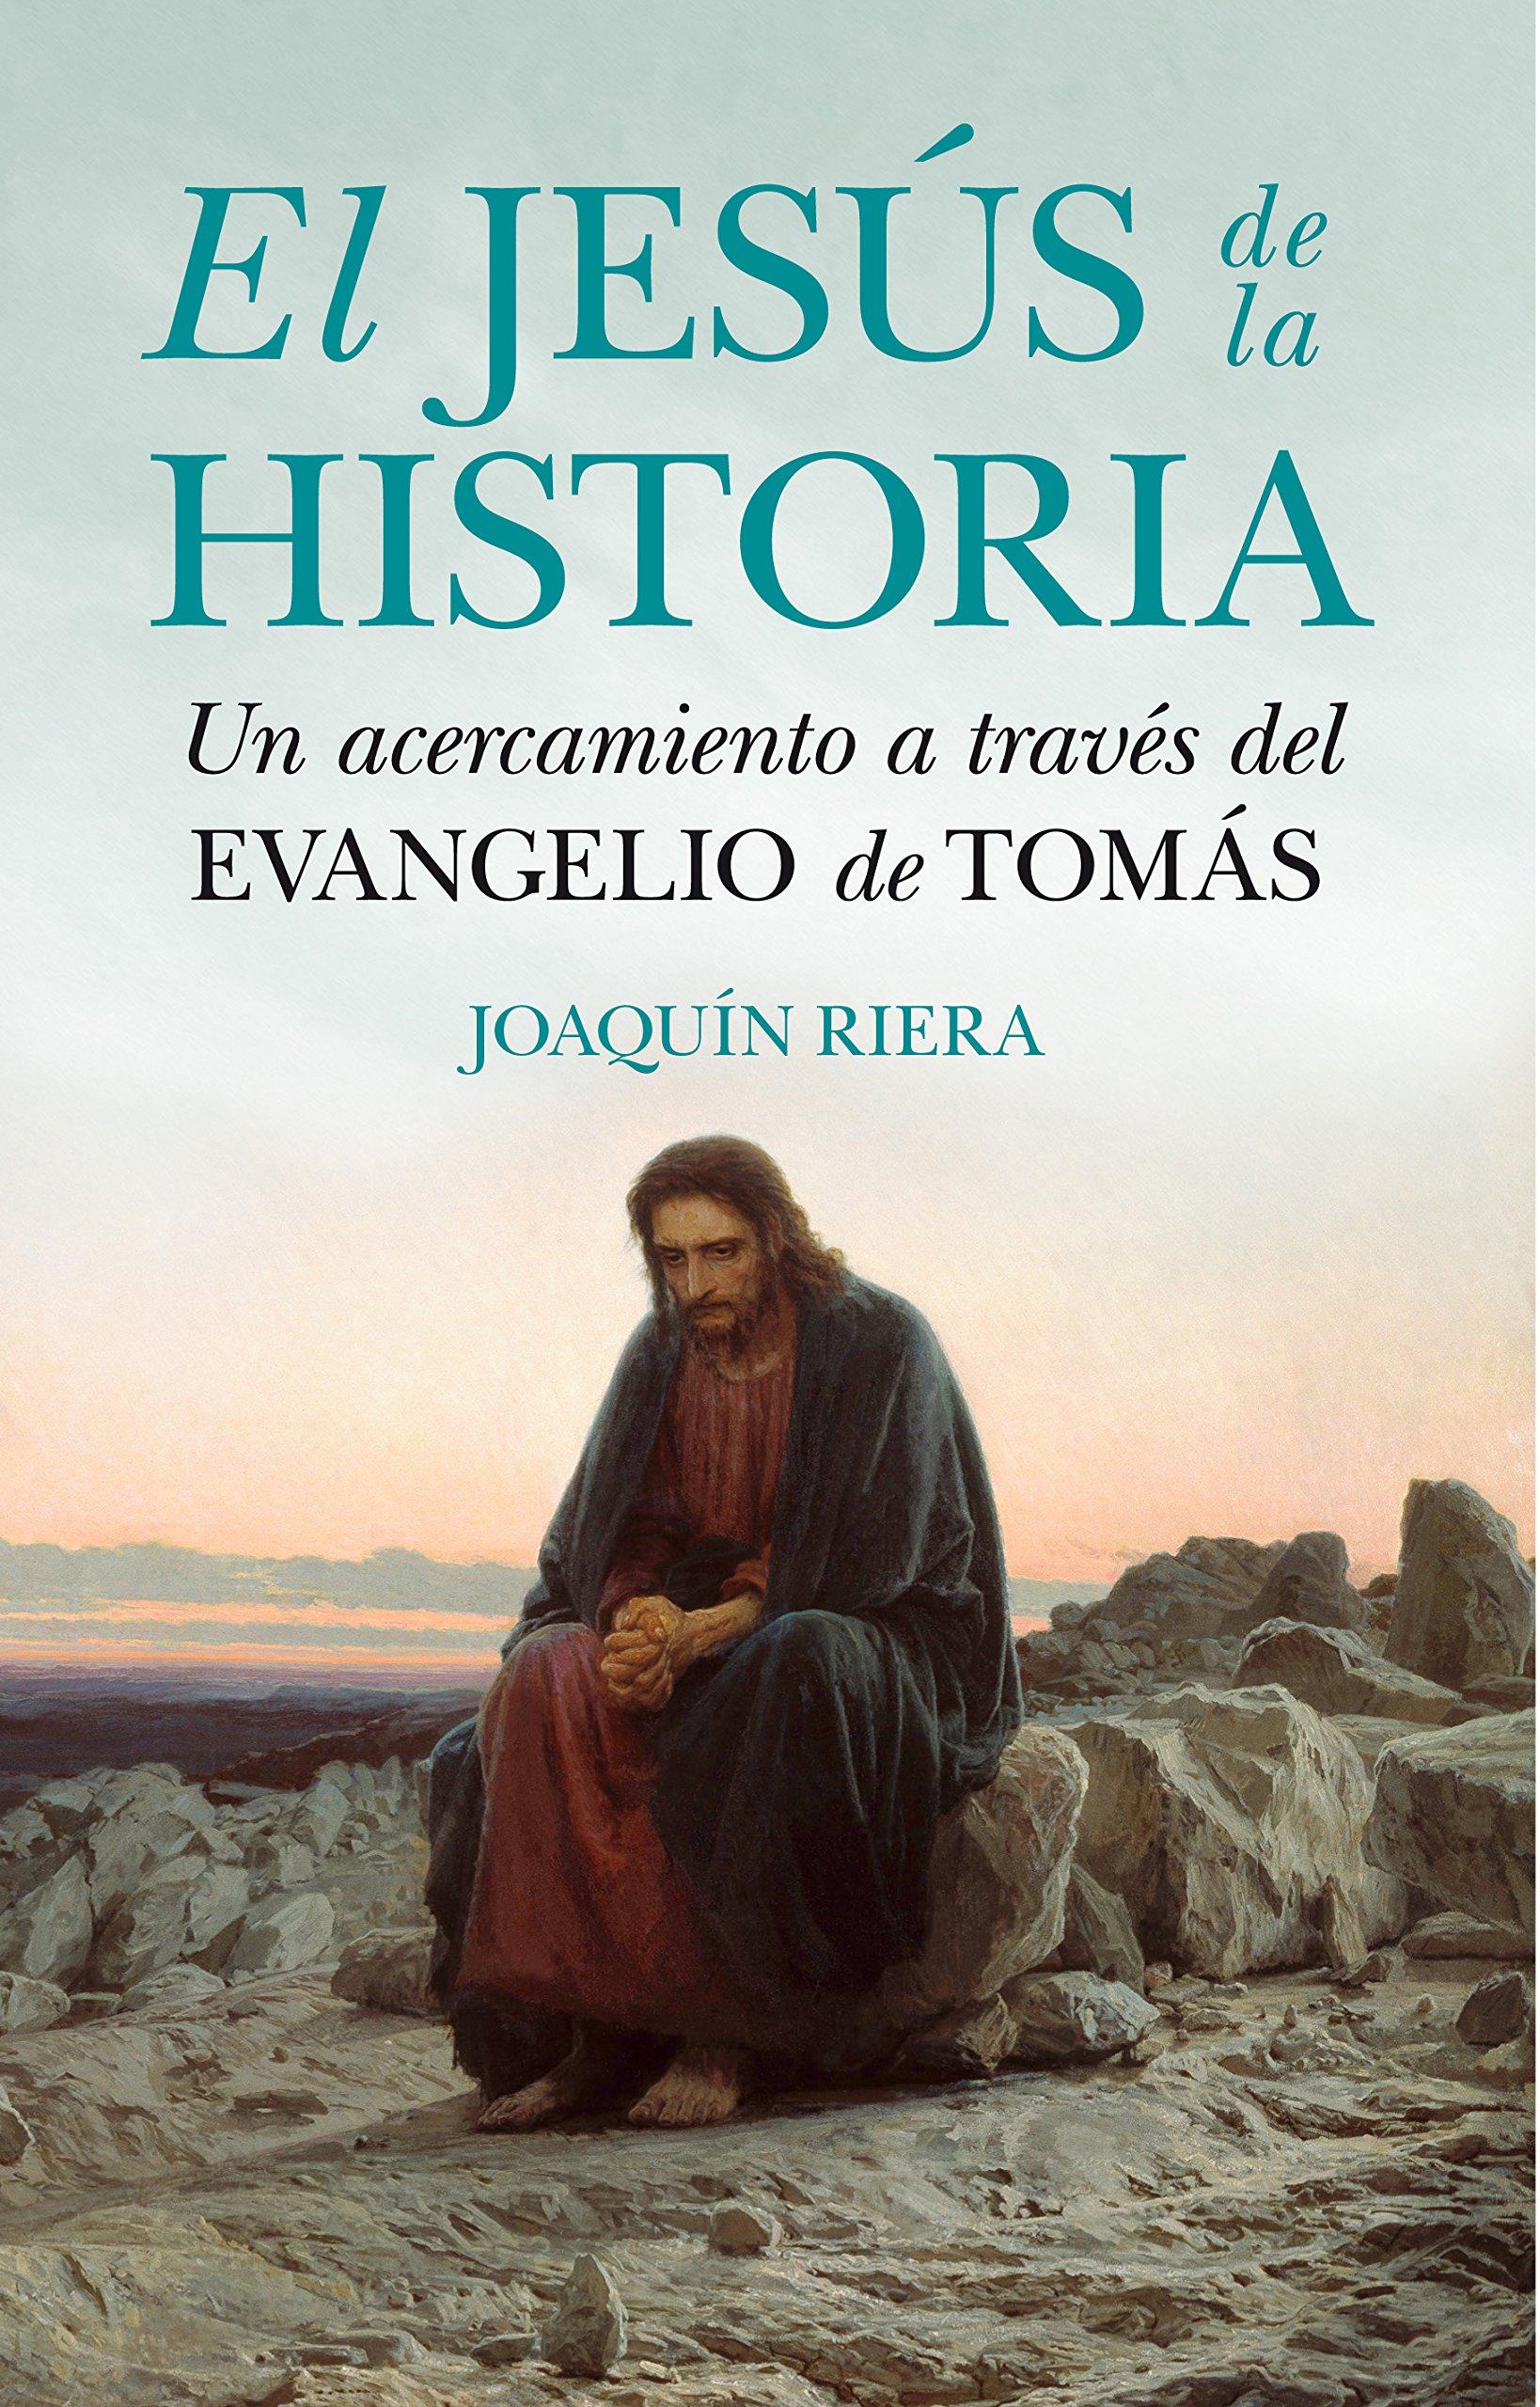 Jesús de la Historia, El (Espiritualidad): Amazon.es: Joaquín Riera Ginestar: Libros